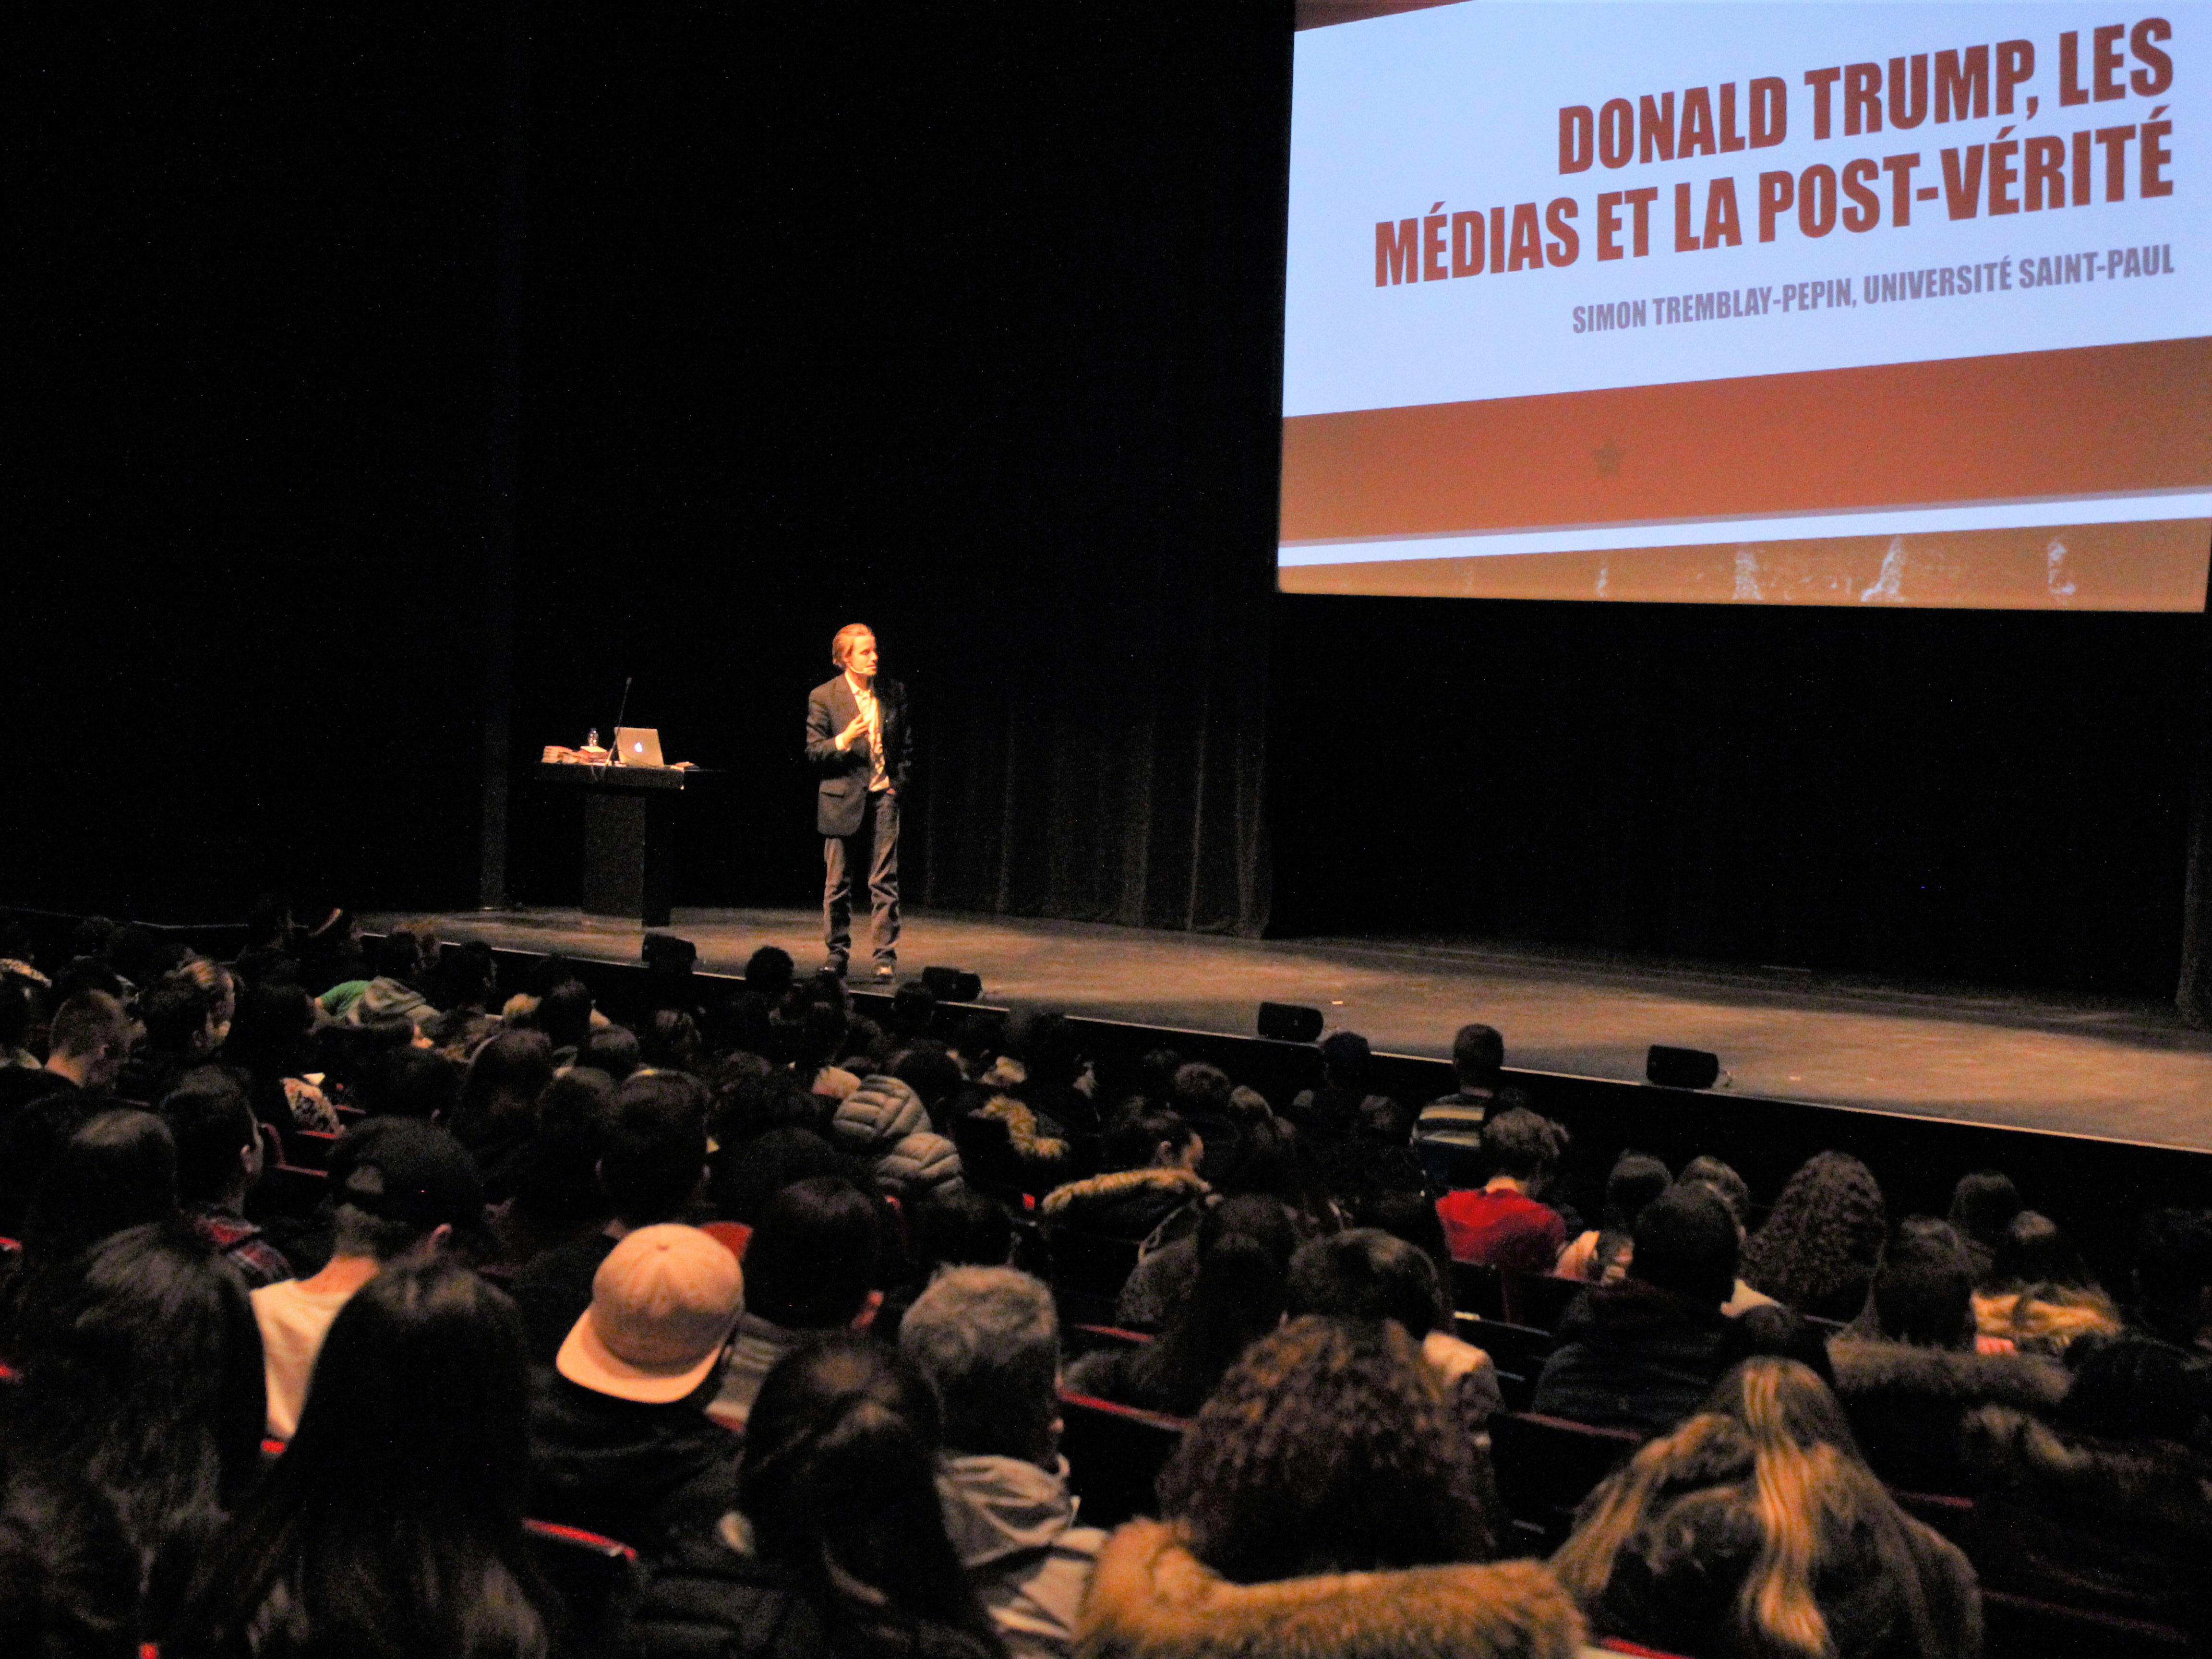 Dans le cadre de la Journée mondiale de la philosophie, plus de 700 étudiants ont assisté à la présentation de Simon Tremblay-Pépin sur les médias à l'heure de Donald Trump et de la post-vérité.